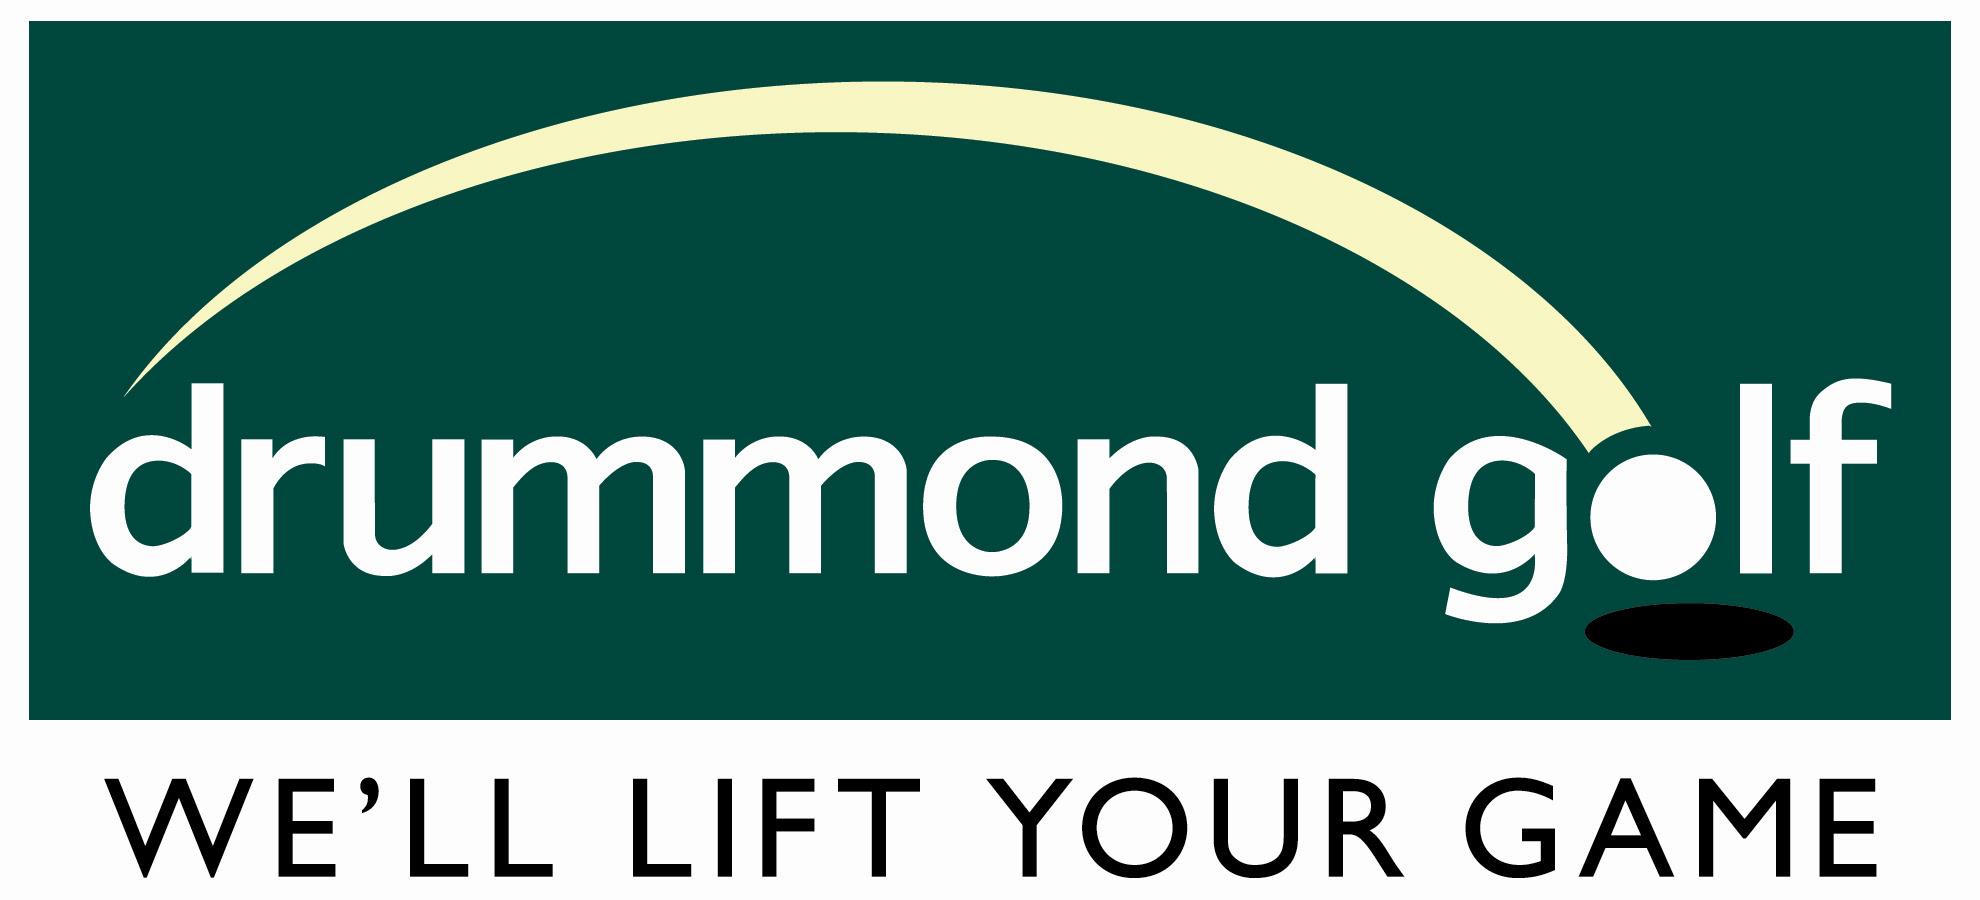 Drummond Golf Logo